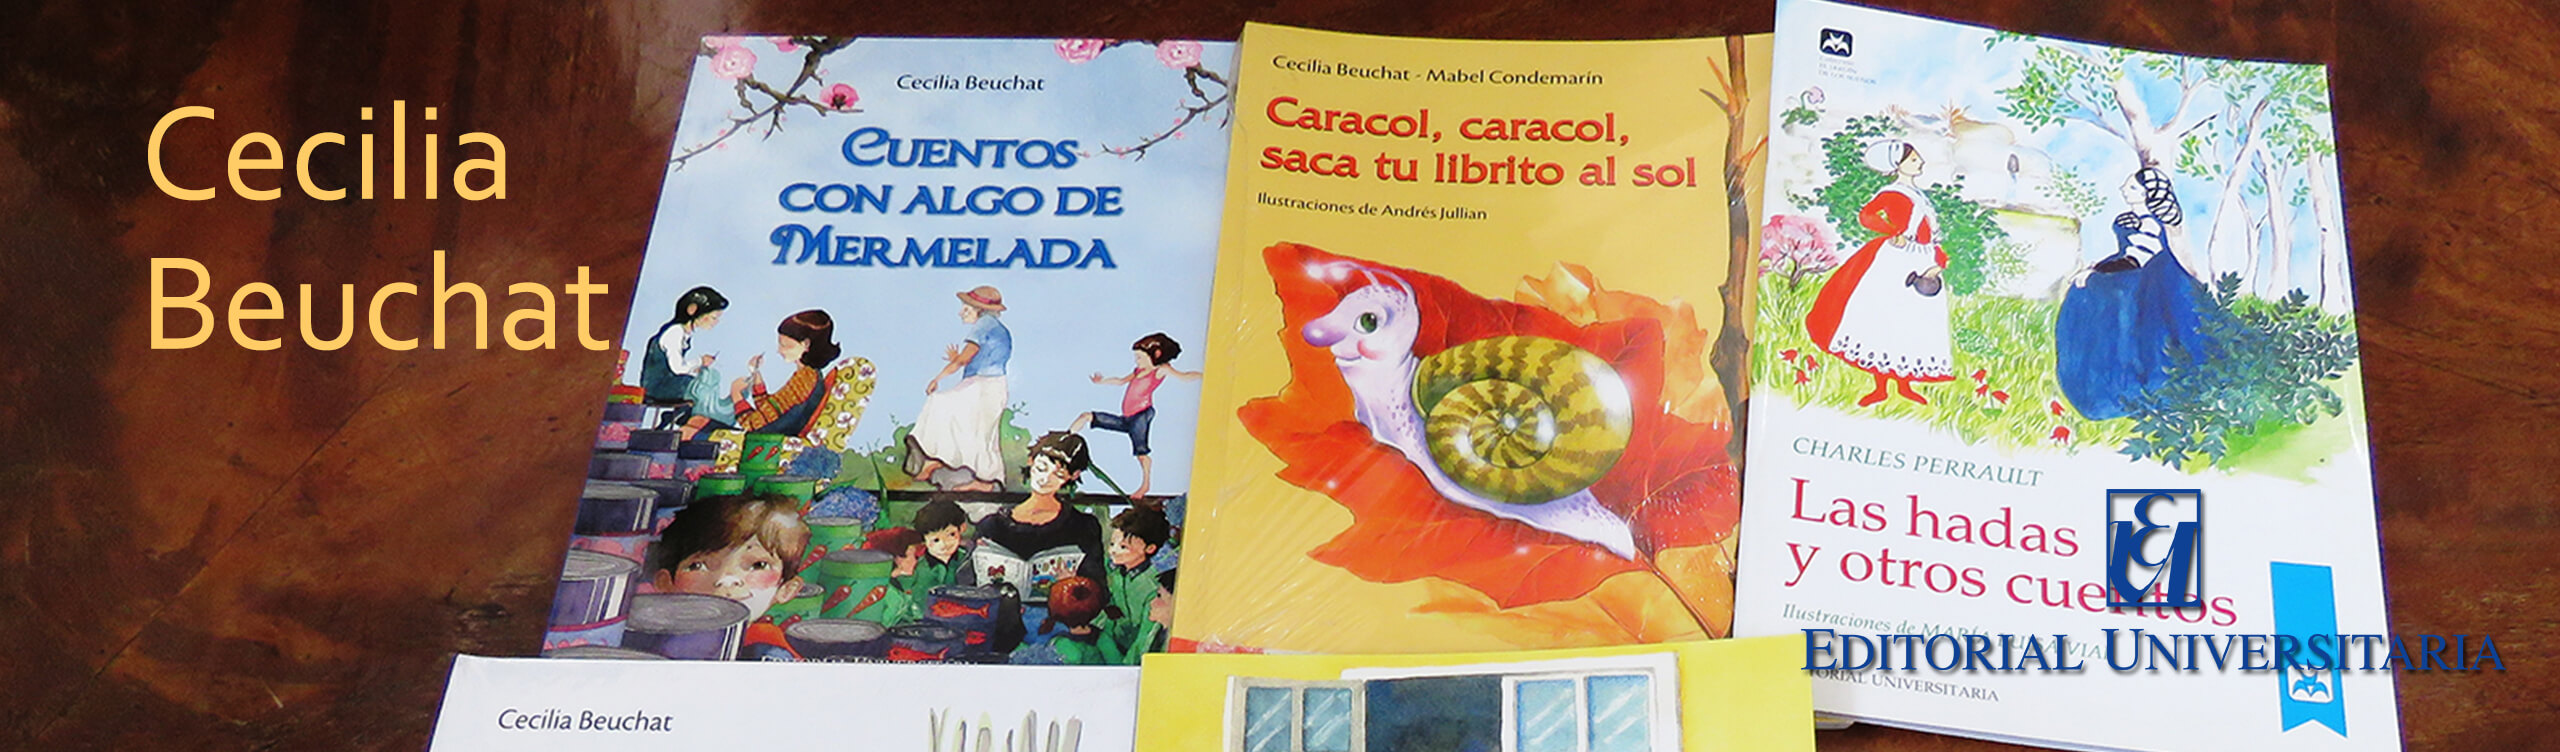 cecilia beuchat Editorial Universitaria